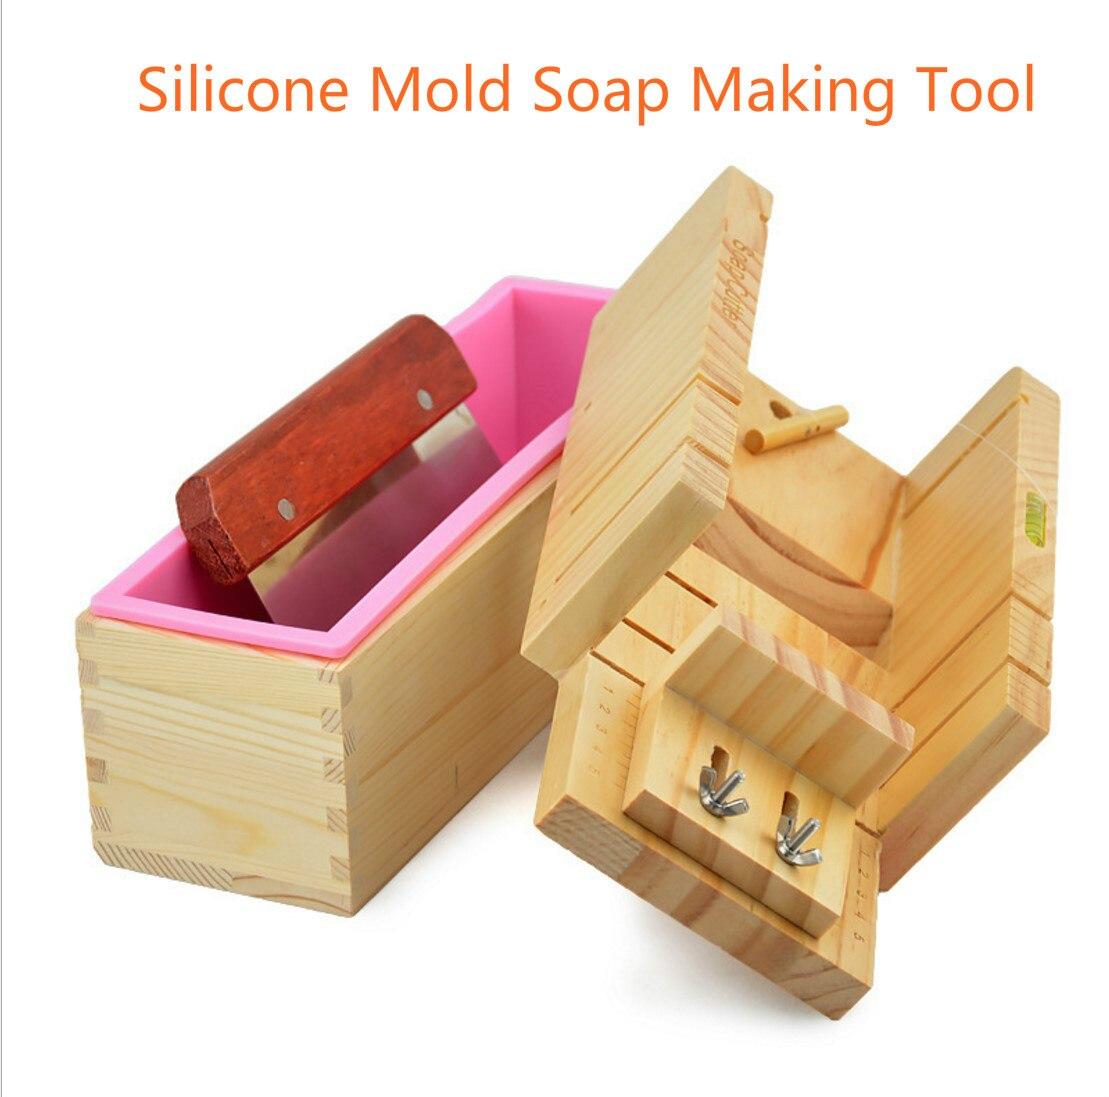 29%, nouveau moule en silicone Savon Faire Tool Set-3 Réglable En Bois Pain Cutter Boîte 1 Pièces lames en acier inoxydable pour bricolage À La Main